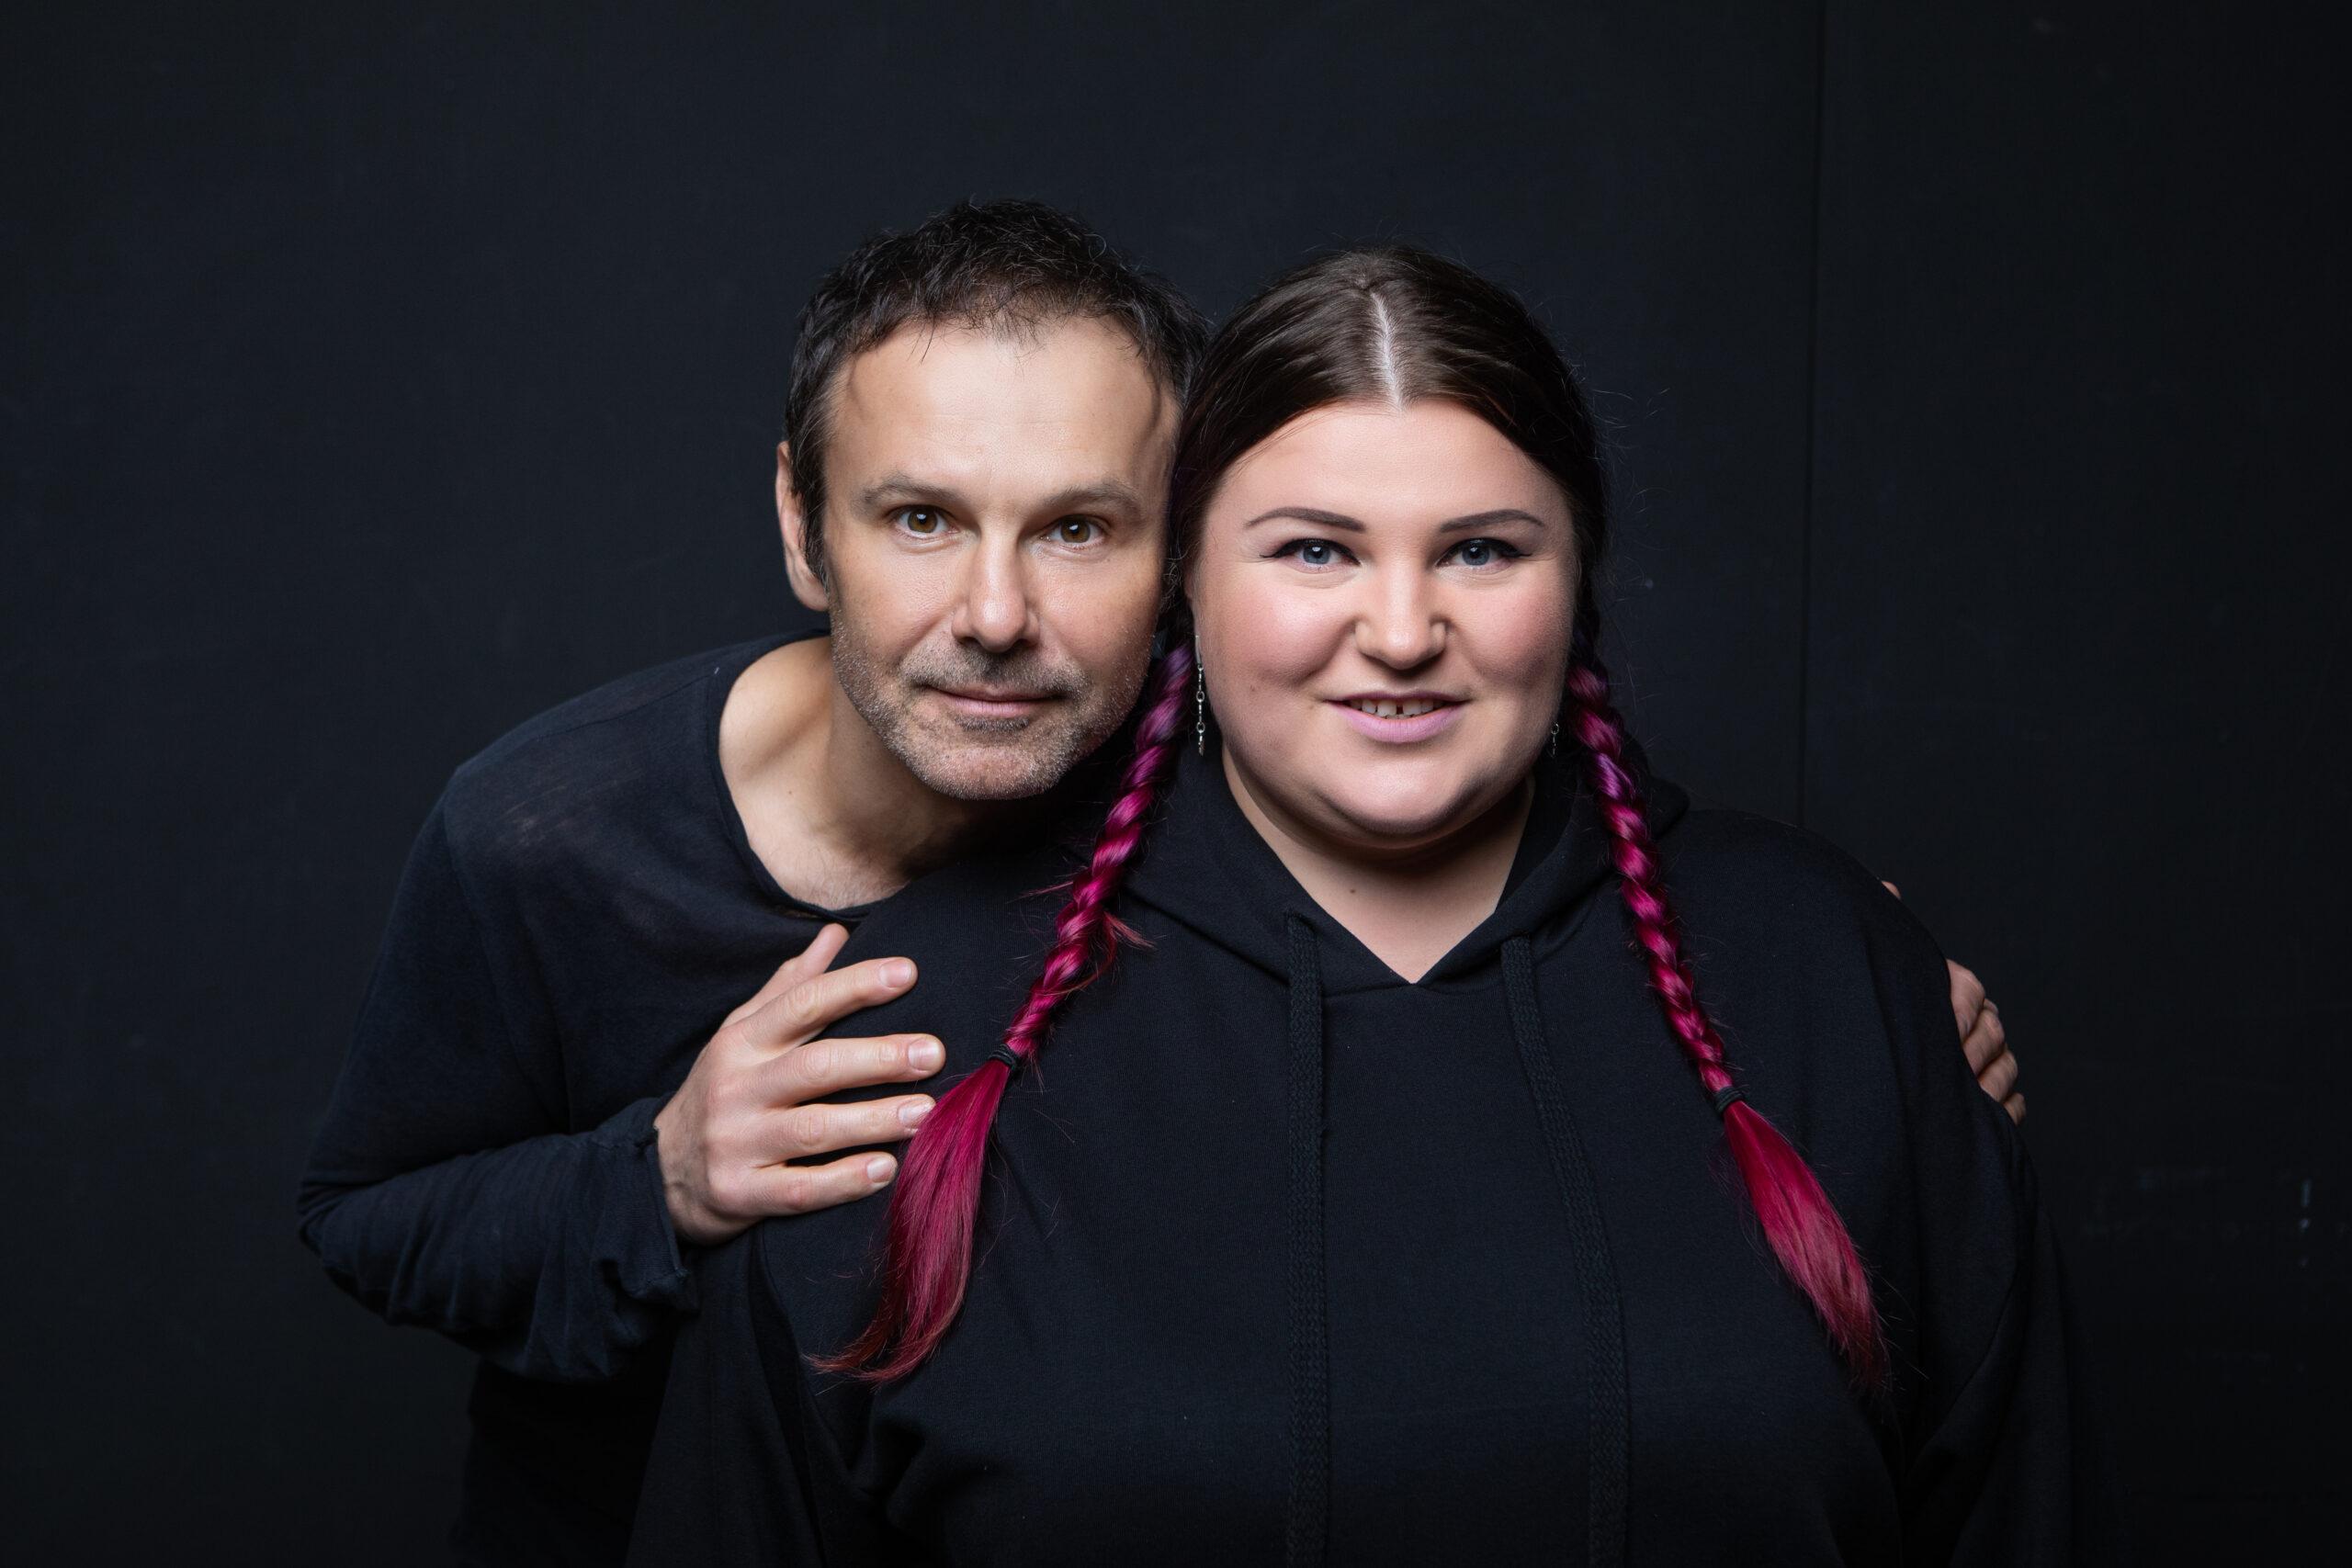 Совместный трек «Океан Ельзи» и alyona alyona, победители Евровидения врываются в мировые чарты и другие новости мира музыки